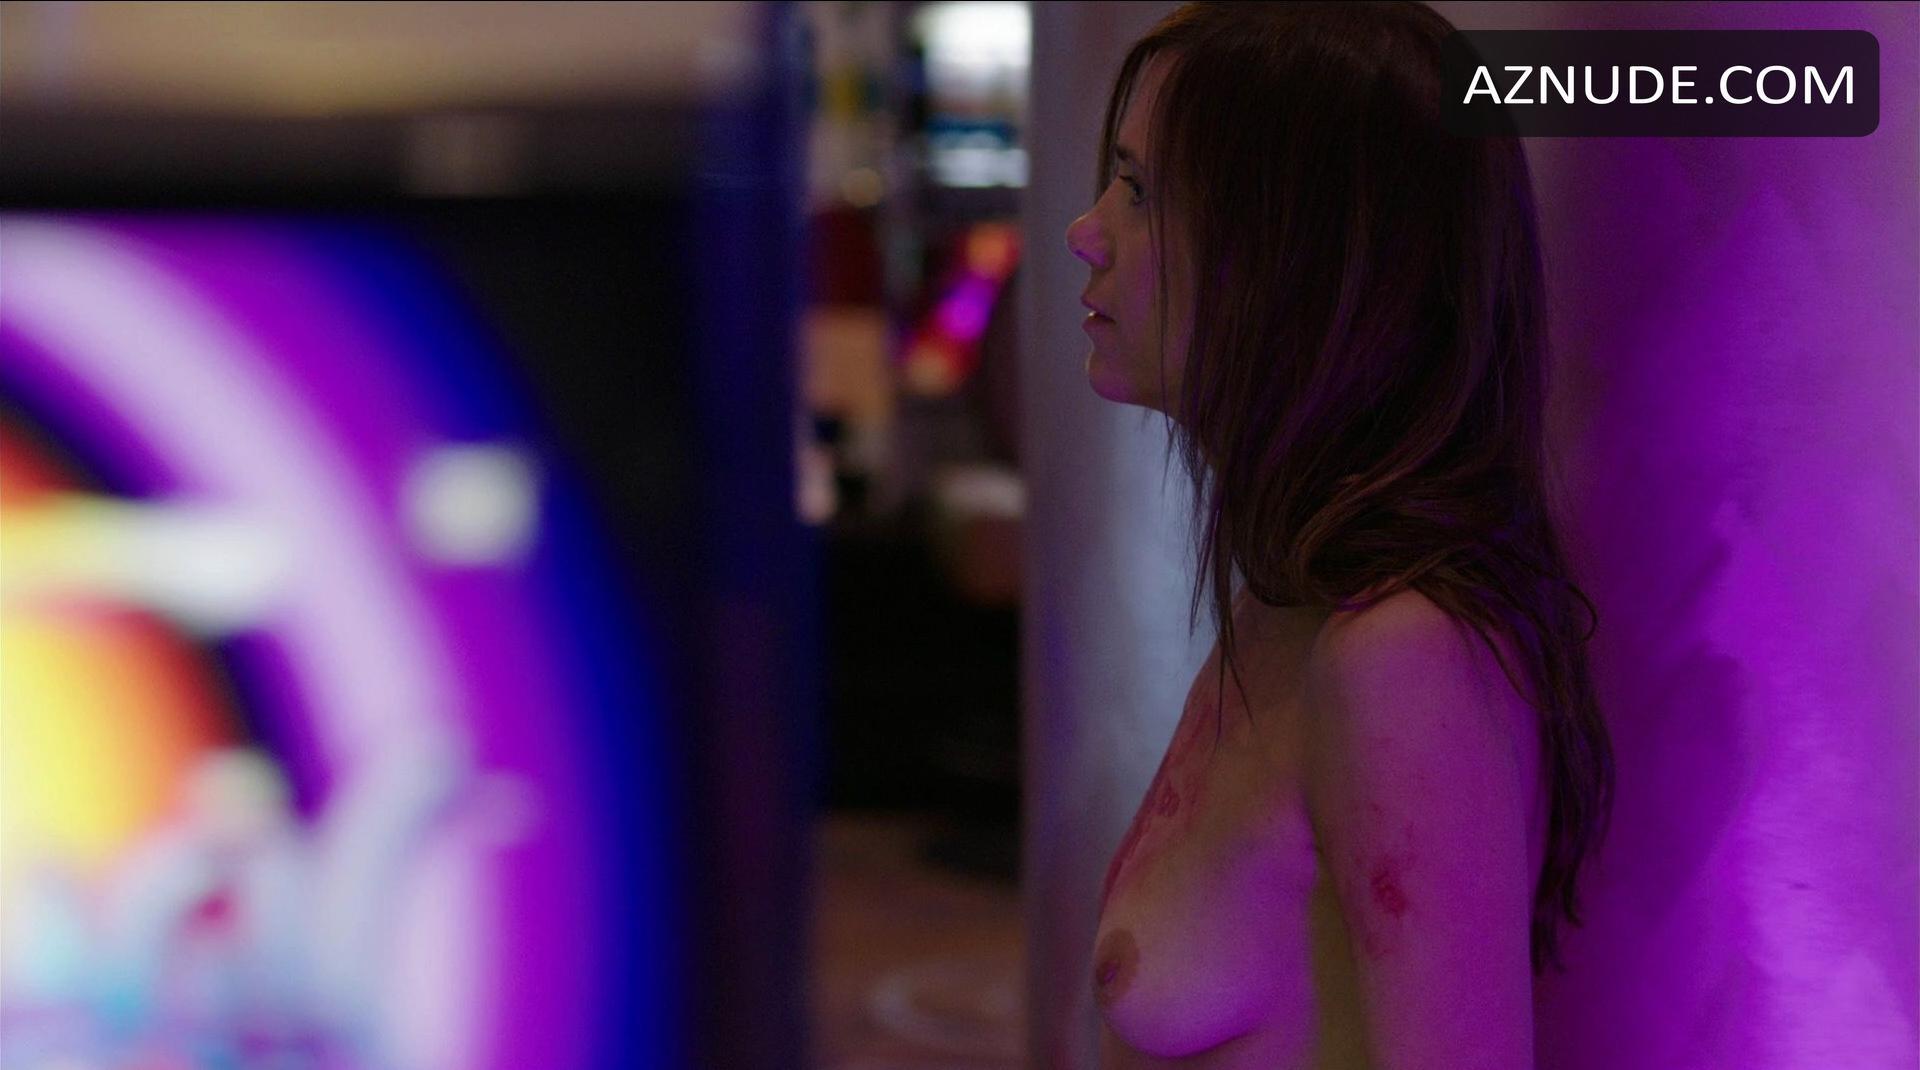 Nude Pics Teenage